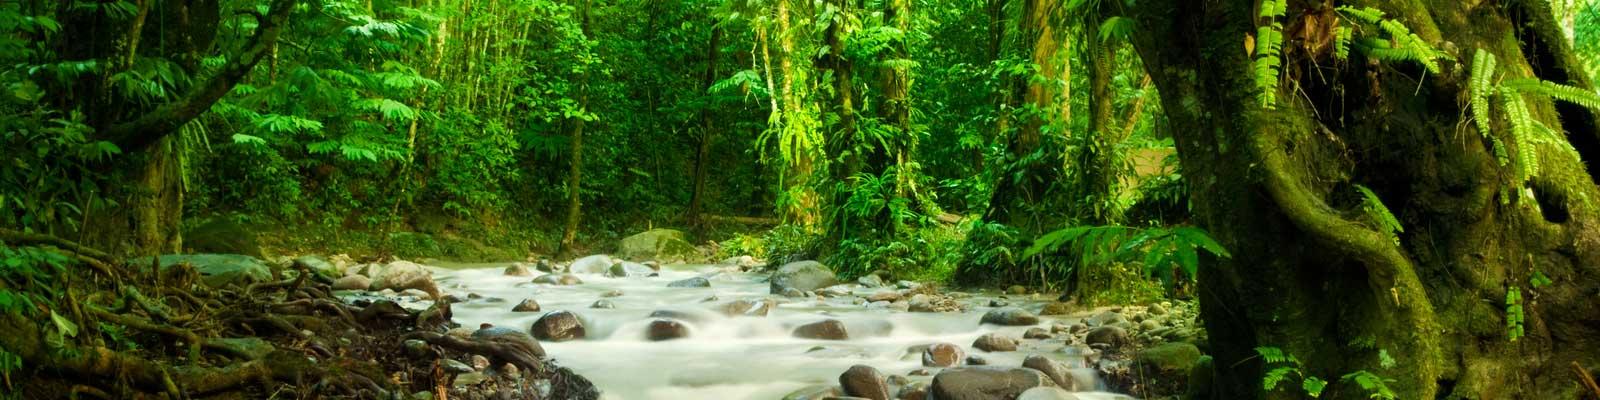 Costa Rica Immobilien - Büros, Bauflächen, Hotels - Bauen, Investieren, Mieten